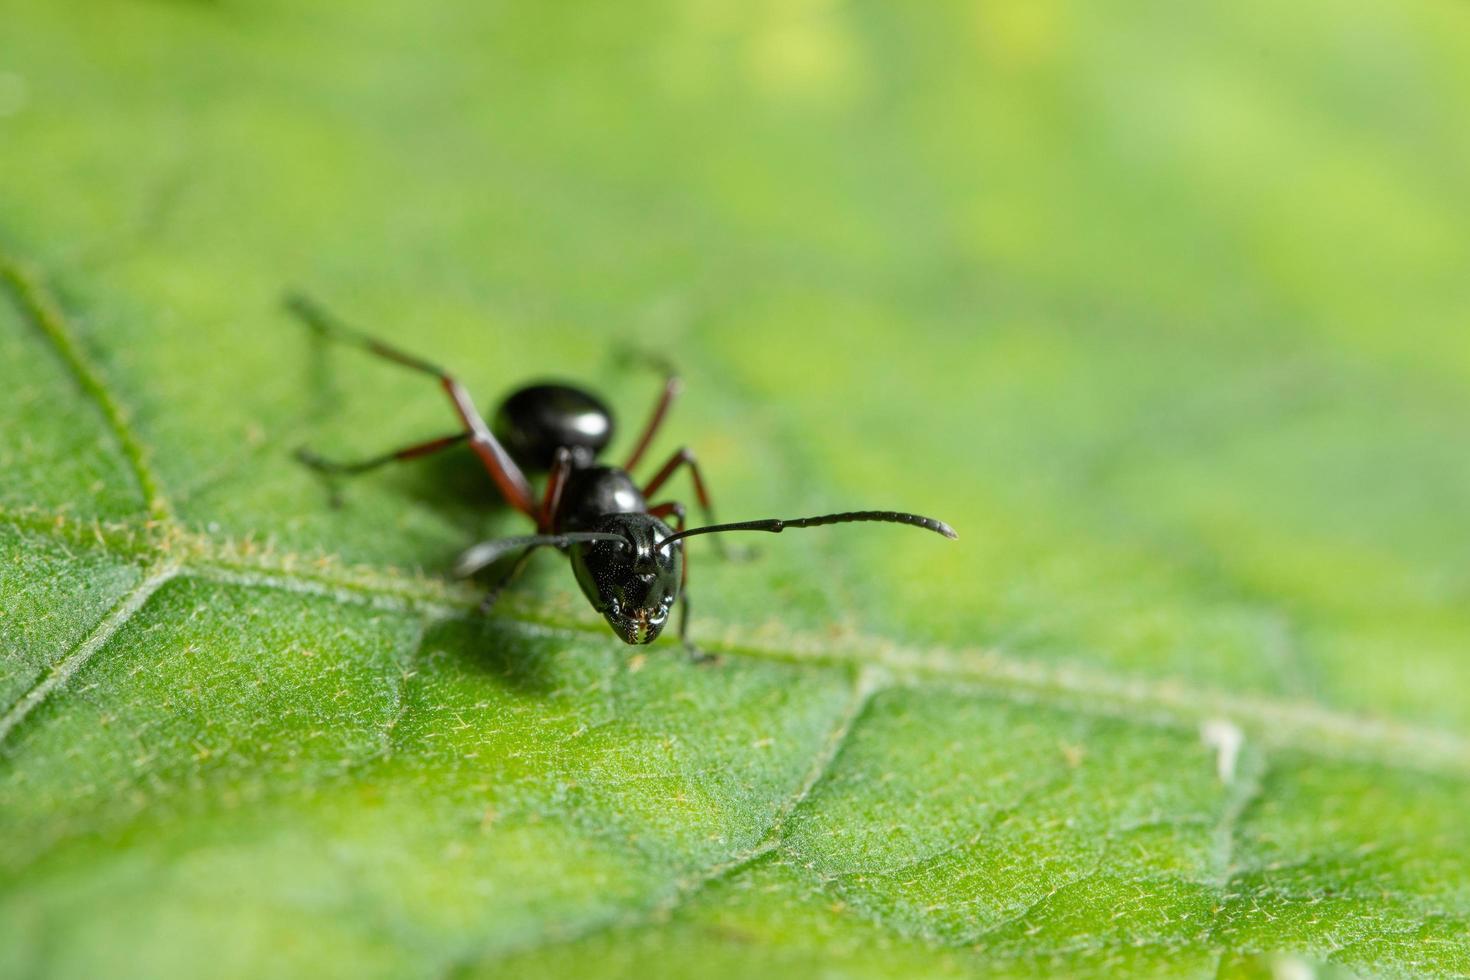 mier op een blad foto